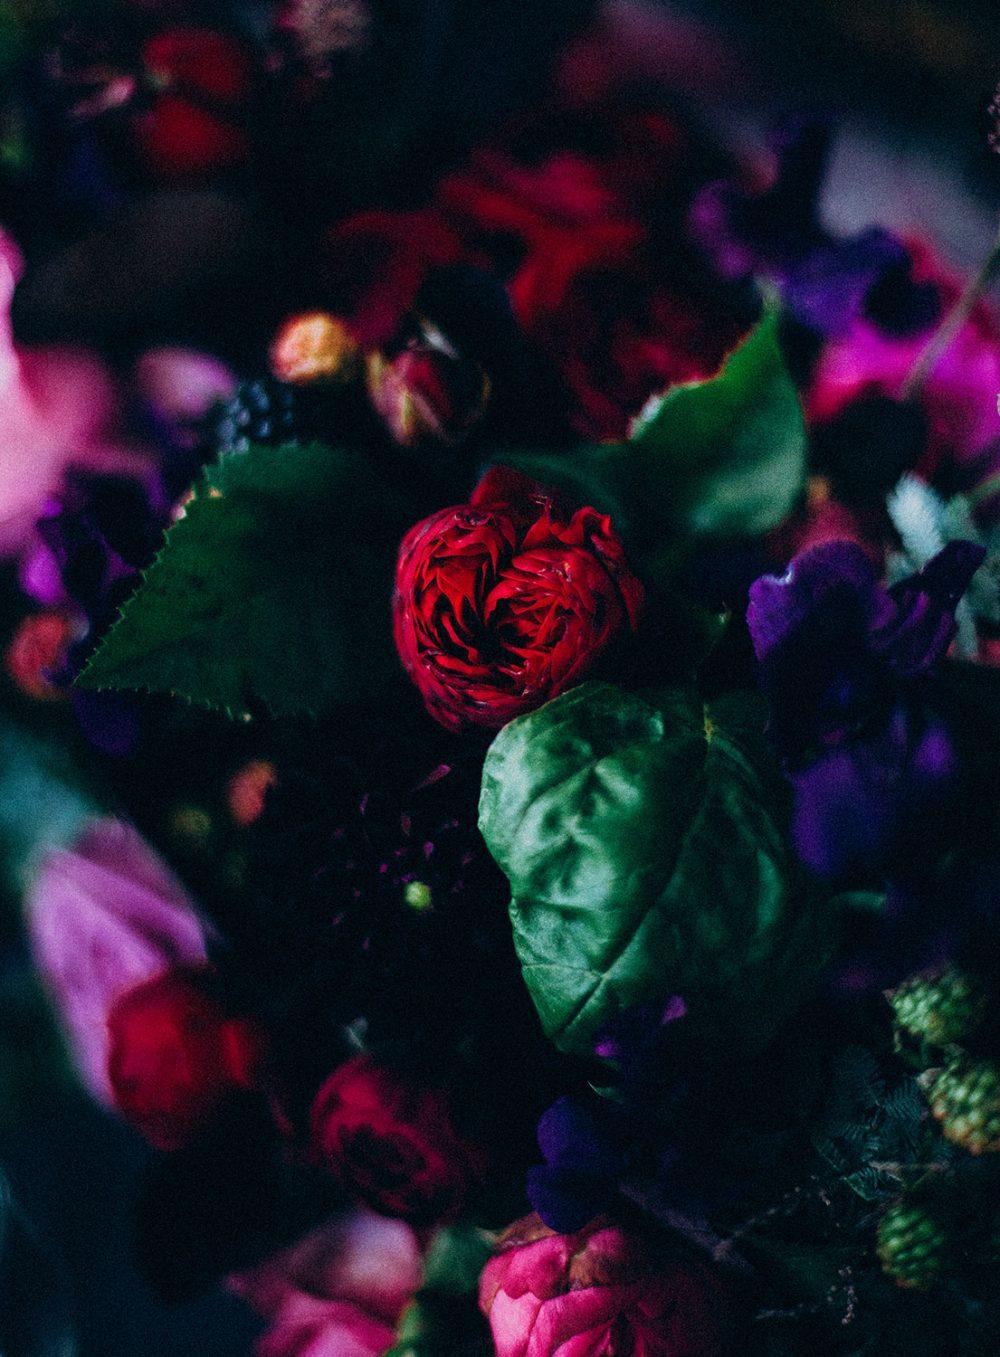 Hochzeitsdekoration Brombeere Rote Rosen Lila violett Blumen moddy flowers wedding